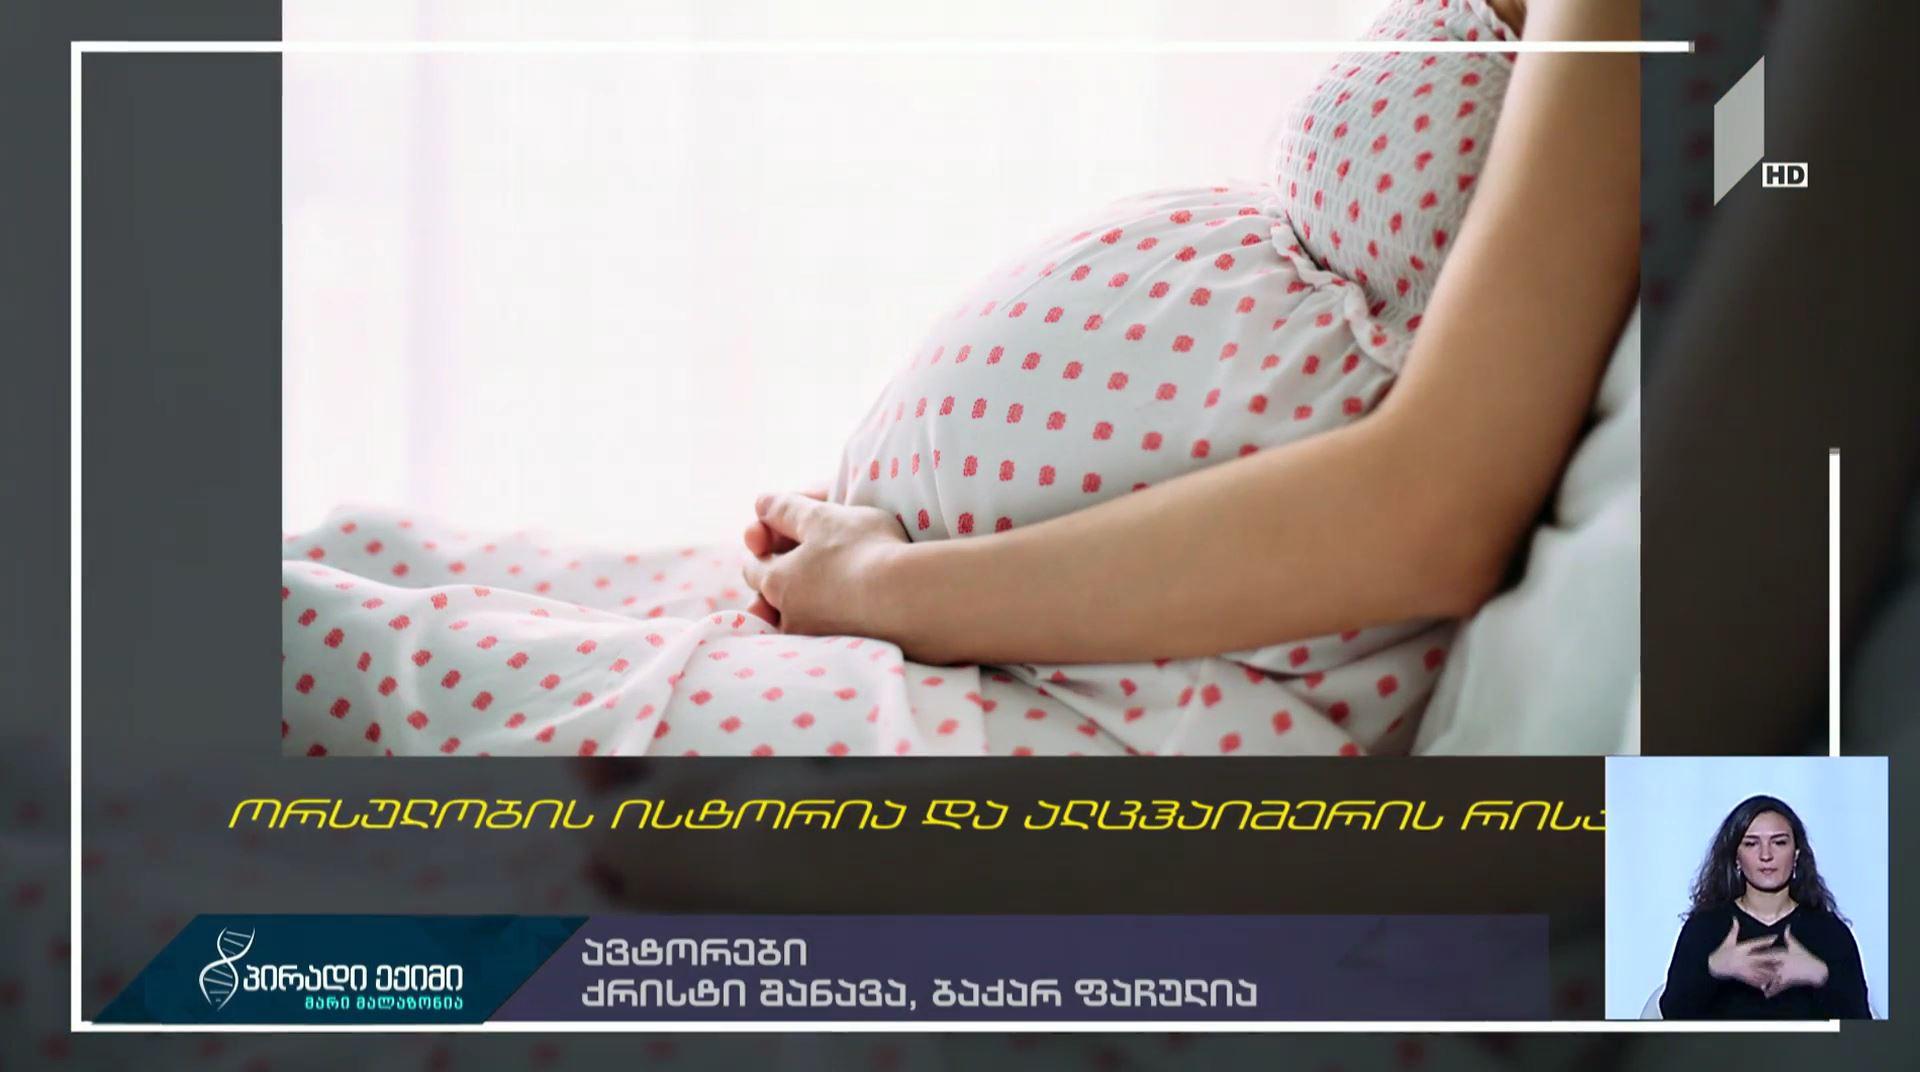 #პირადიექიმი ორსულობის ისტორია და ალცჰაიმერის რისკი